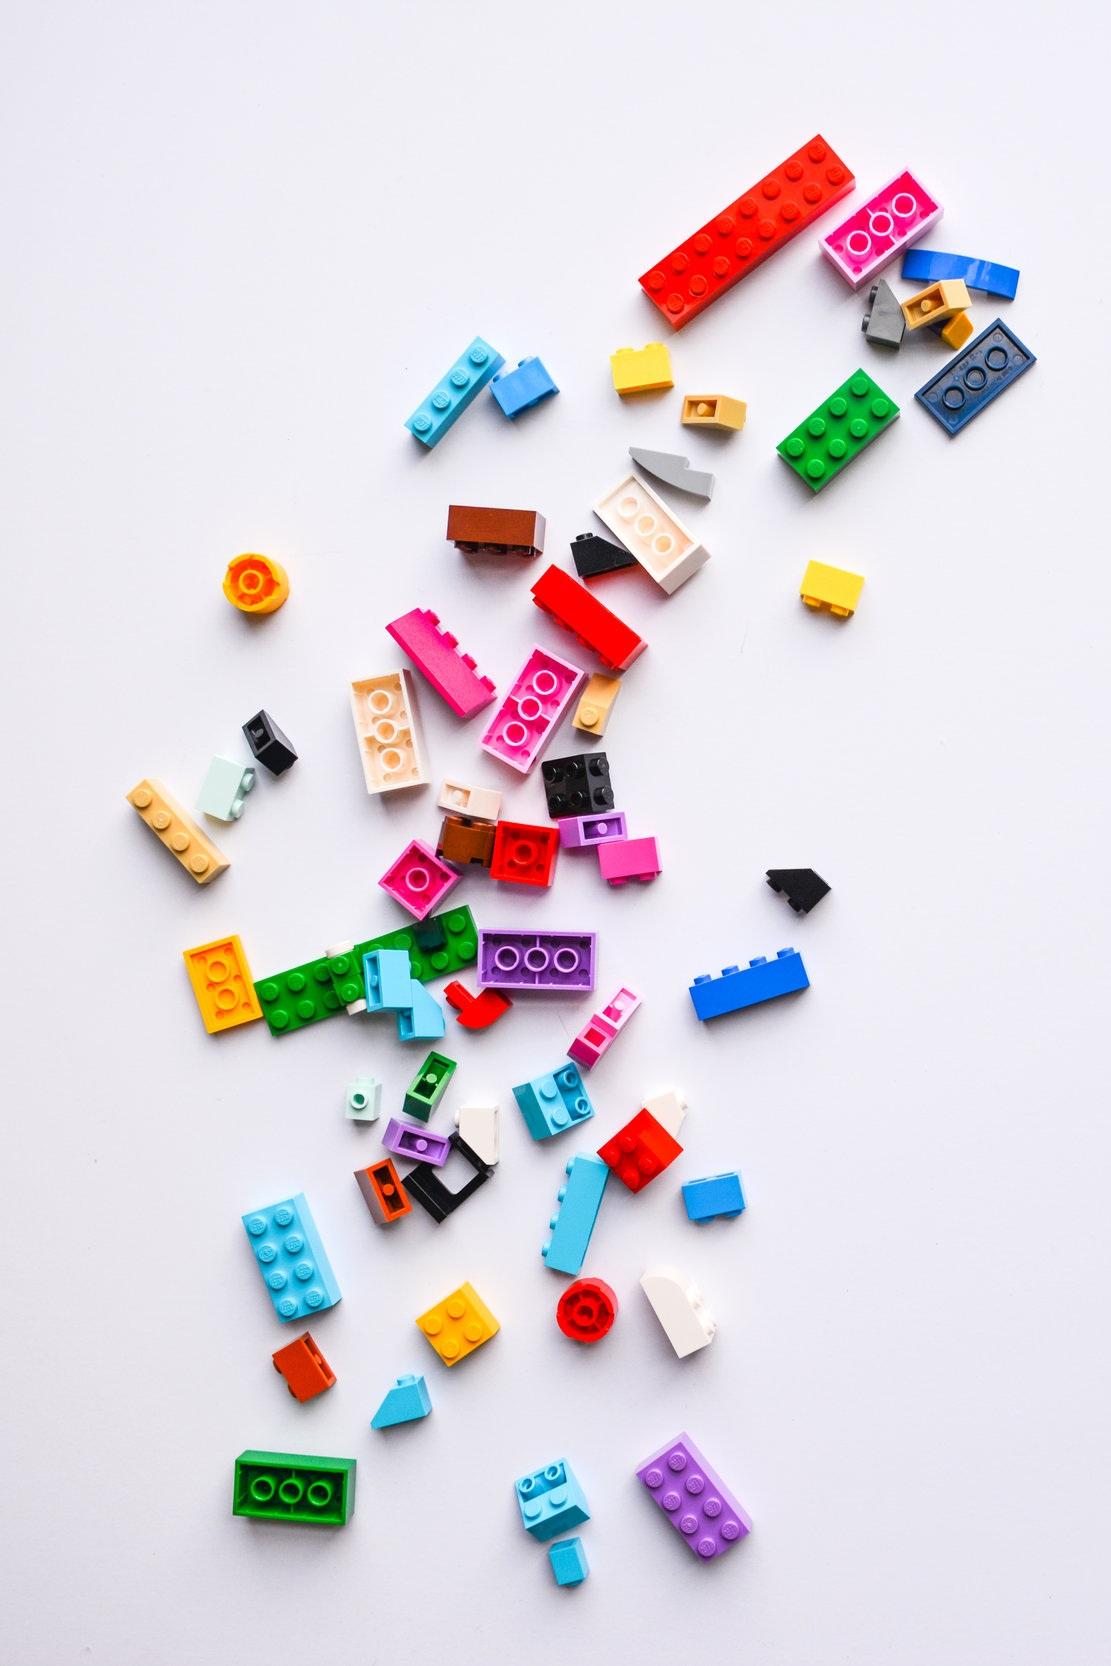 IO+legos.jpg